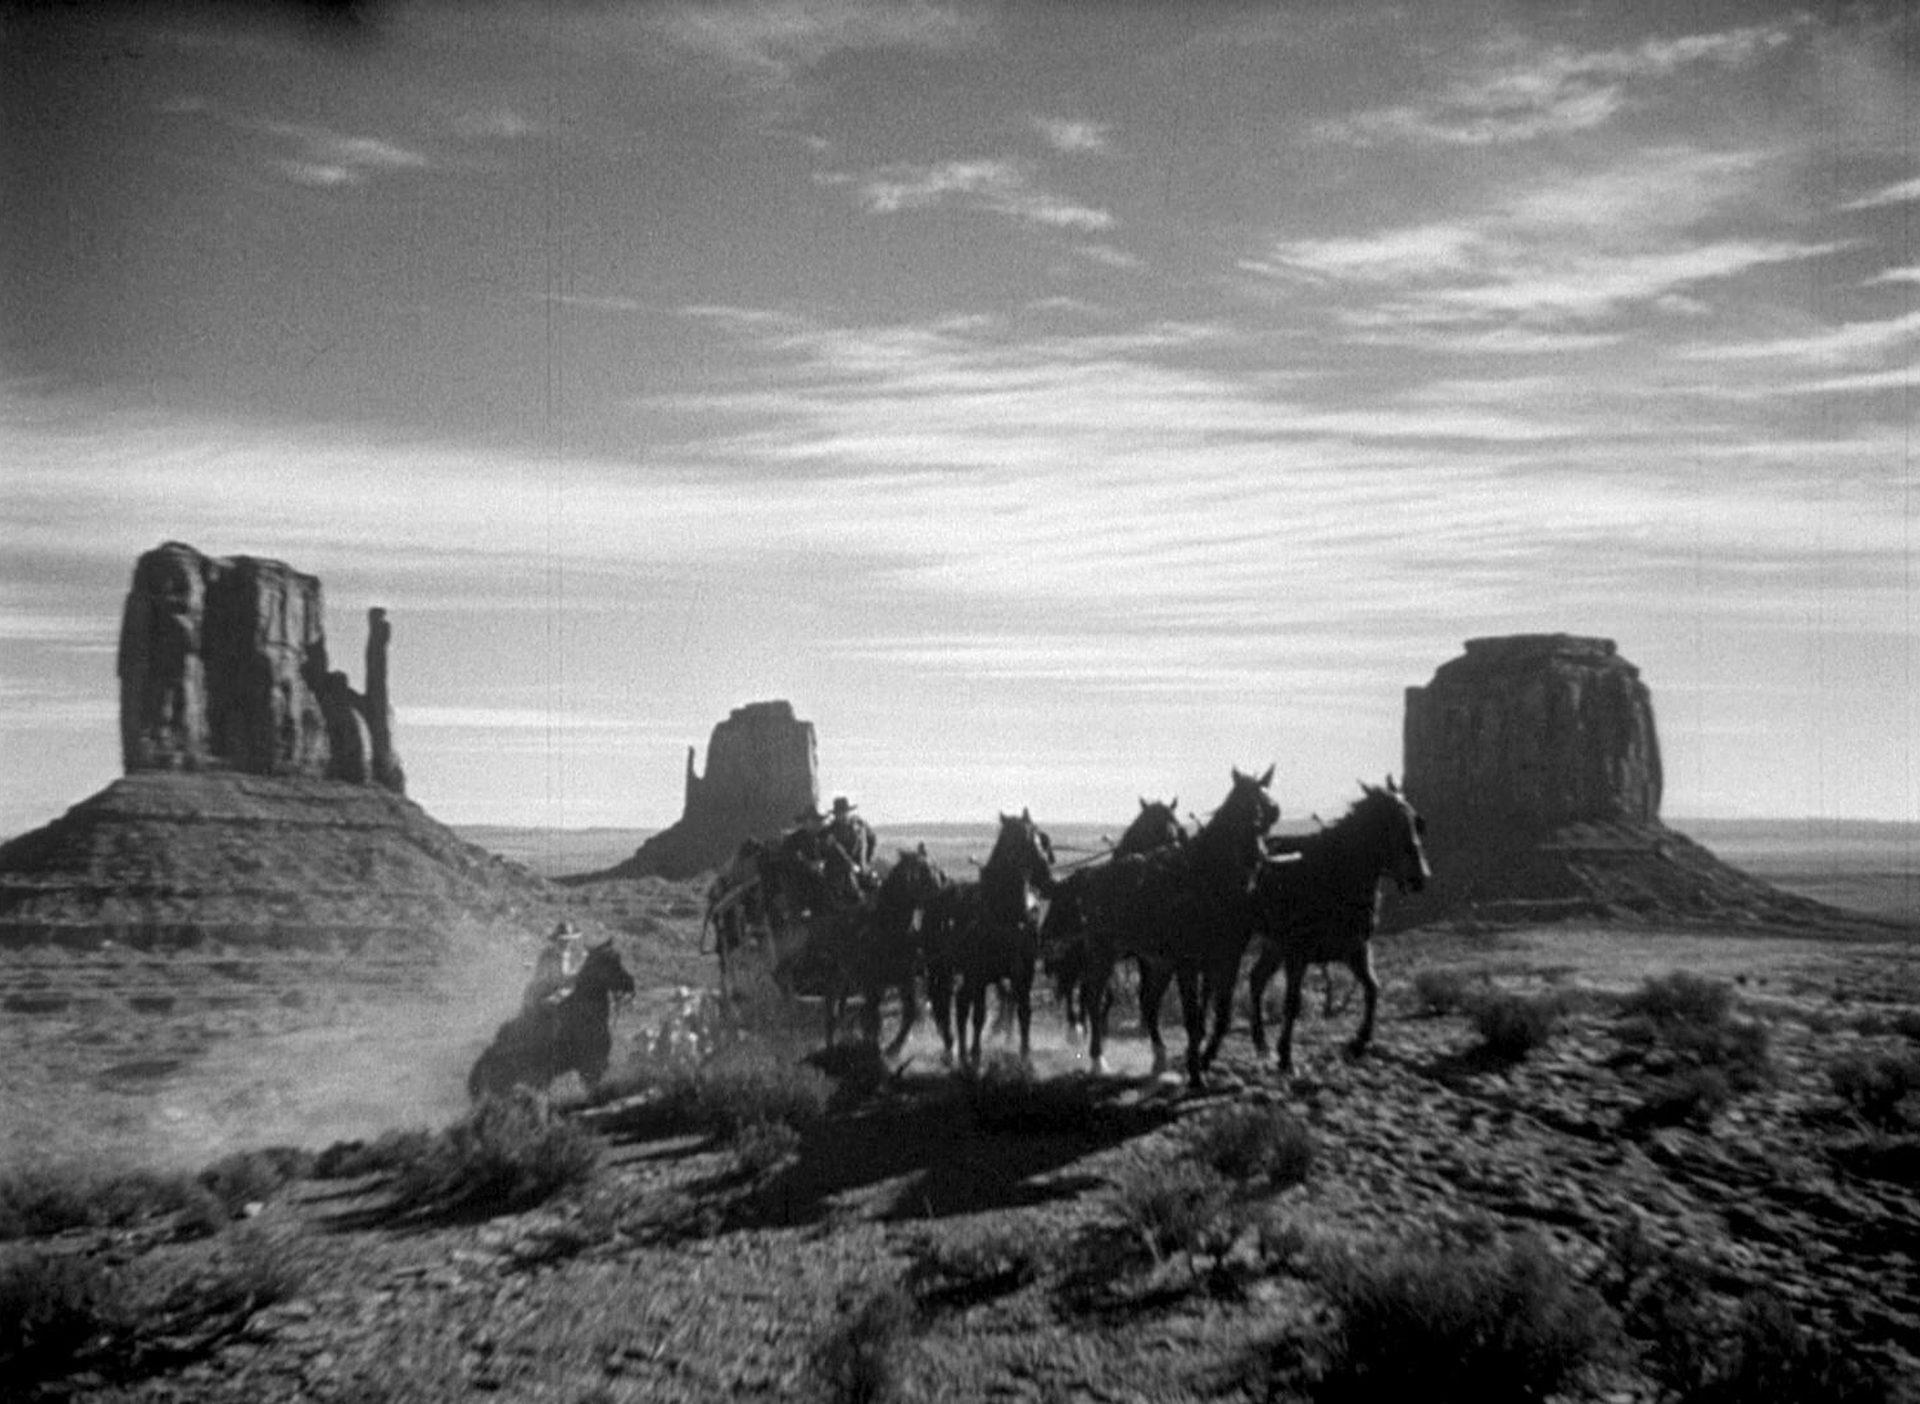 Eine Postkutsche vor dem Hintergrund des Monument Valley.